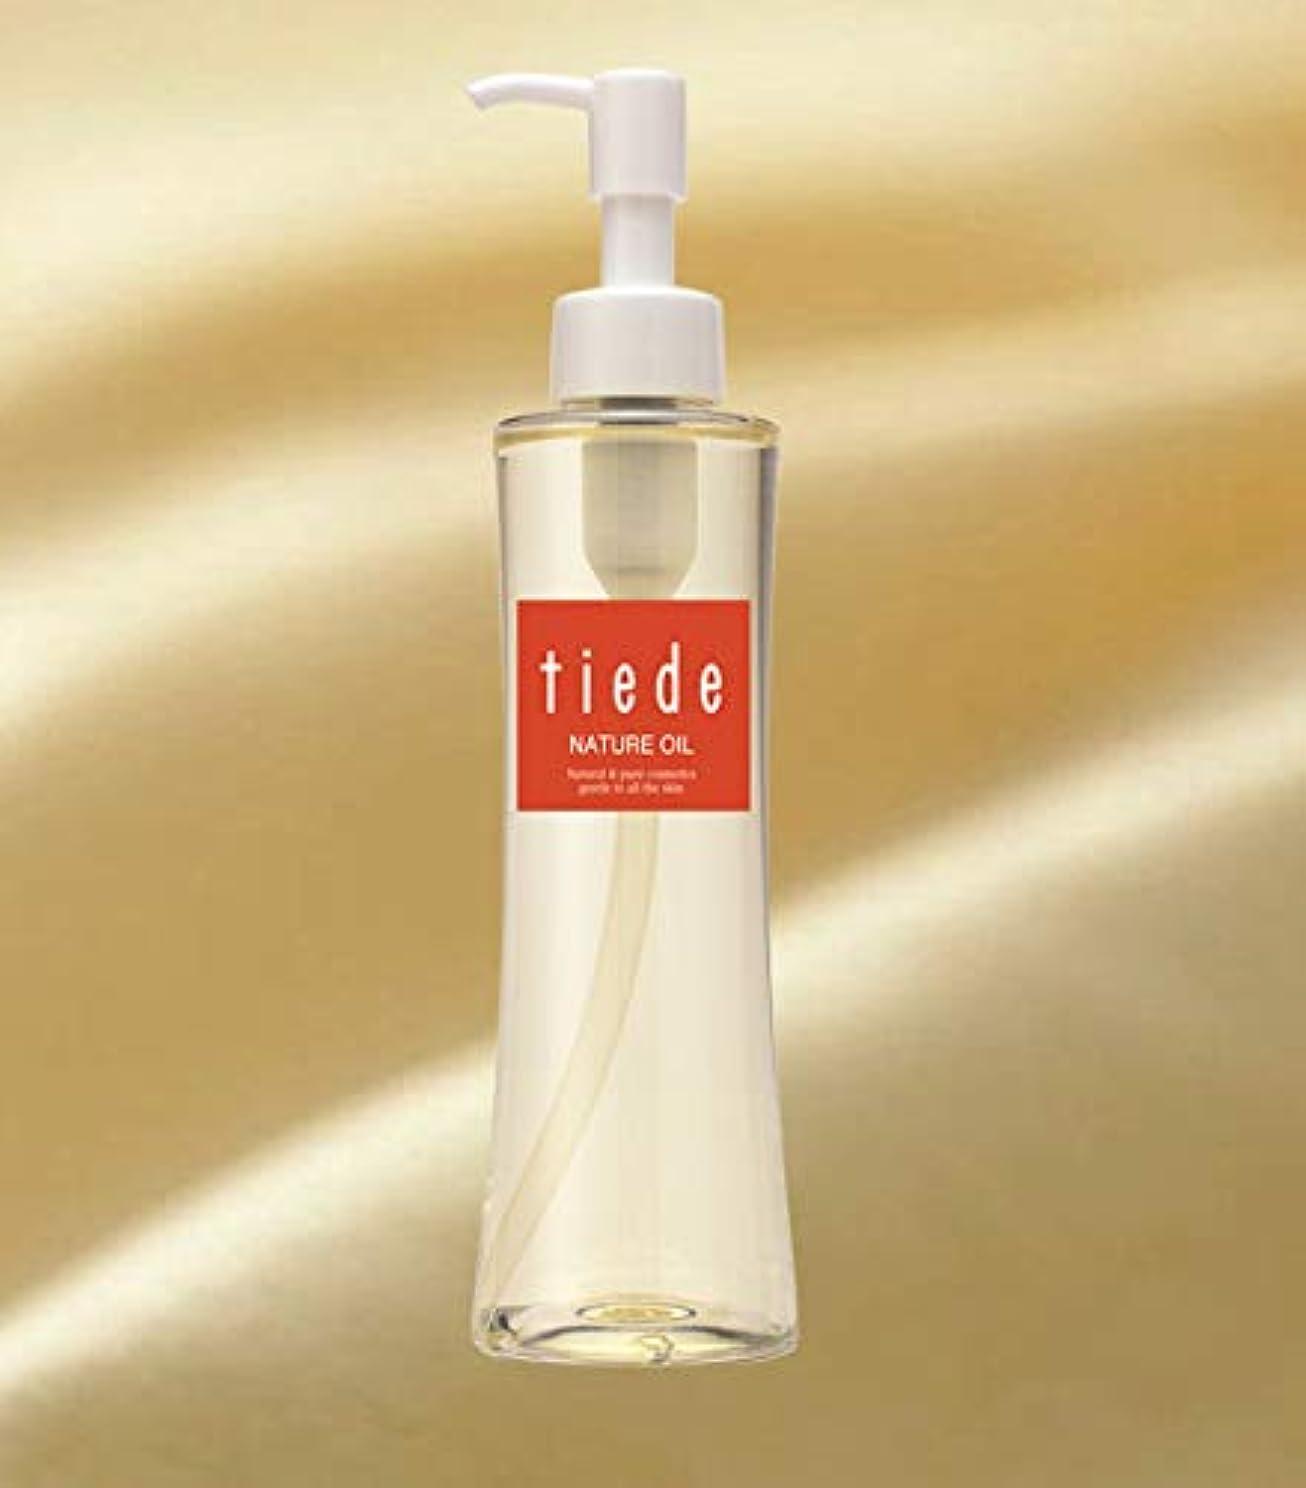 疼痛反論記述するティエード ナテュールオイル (200mL) Tiede Natural Oil